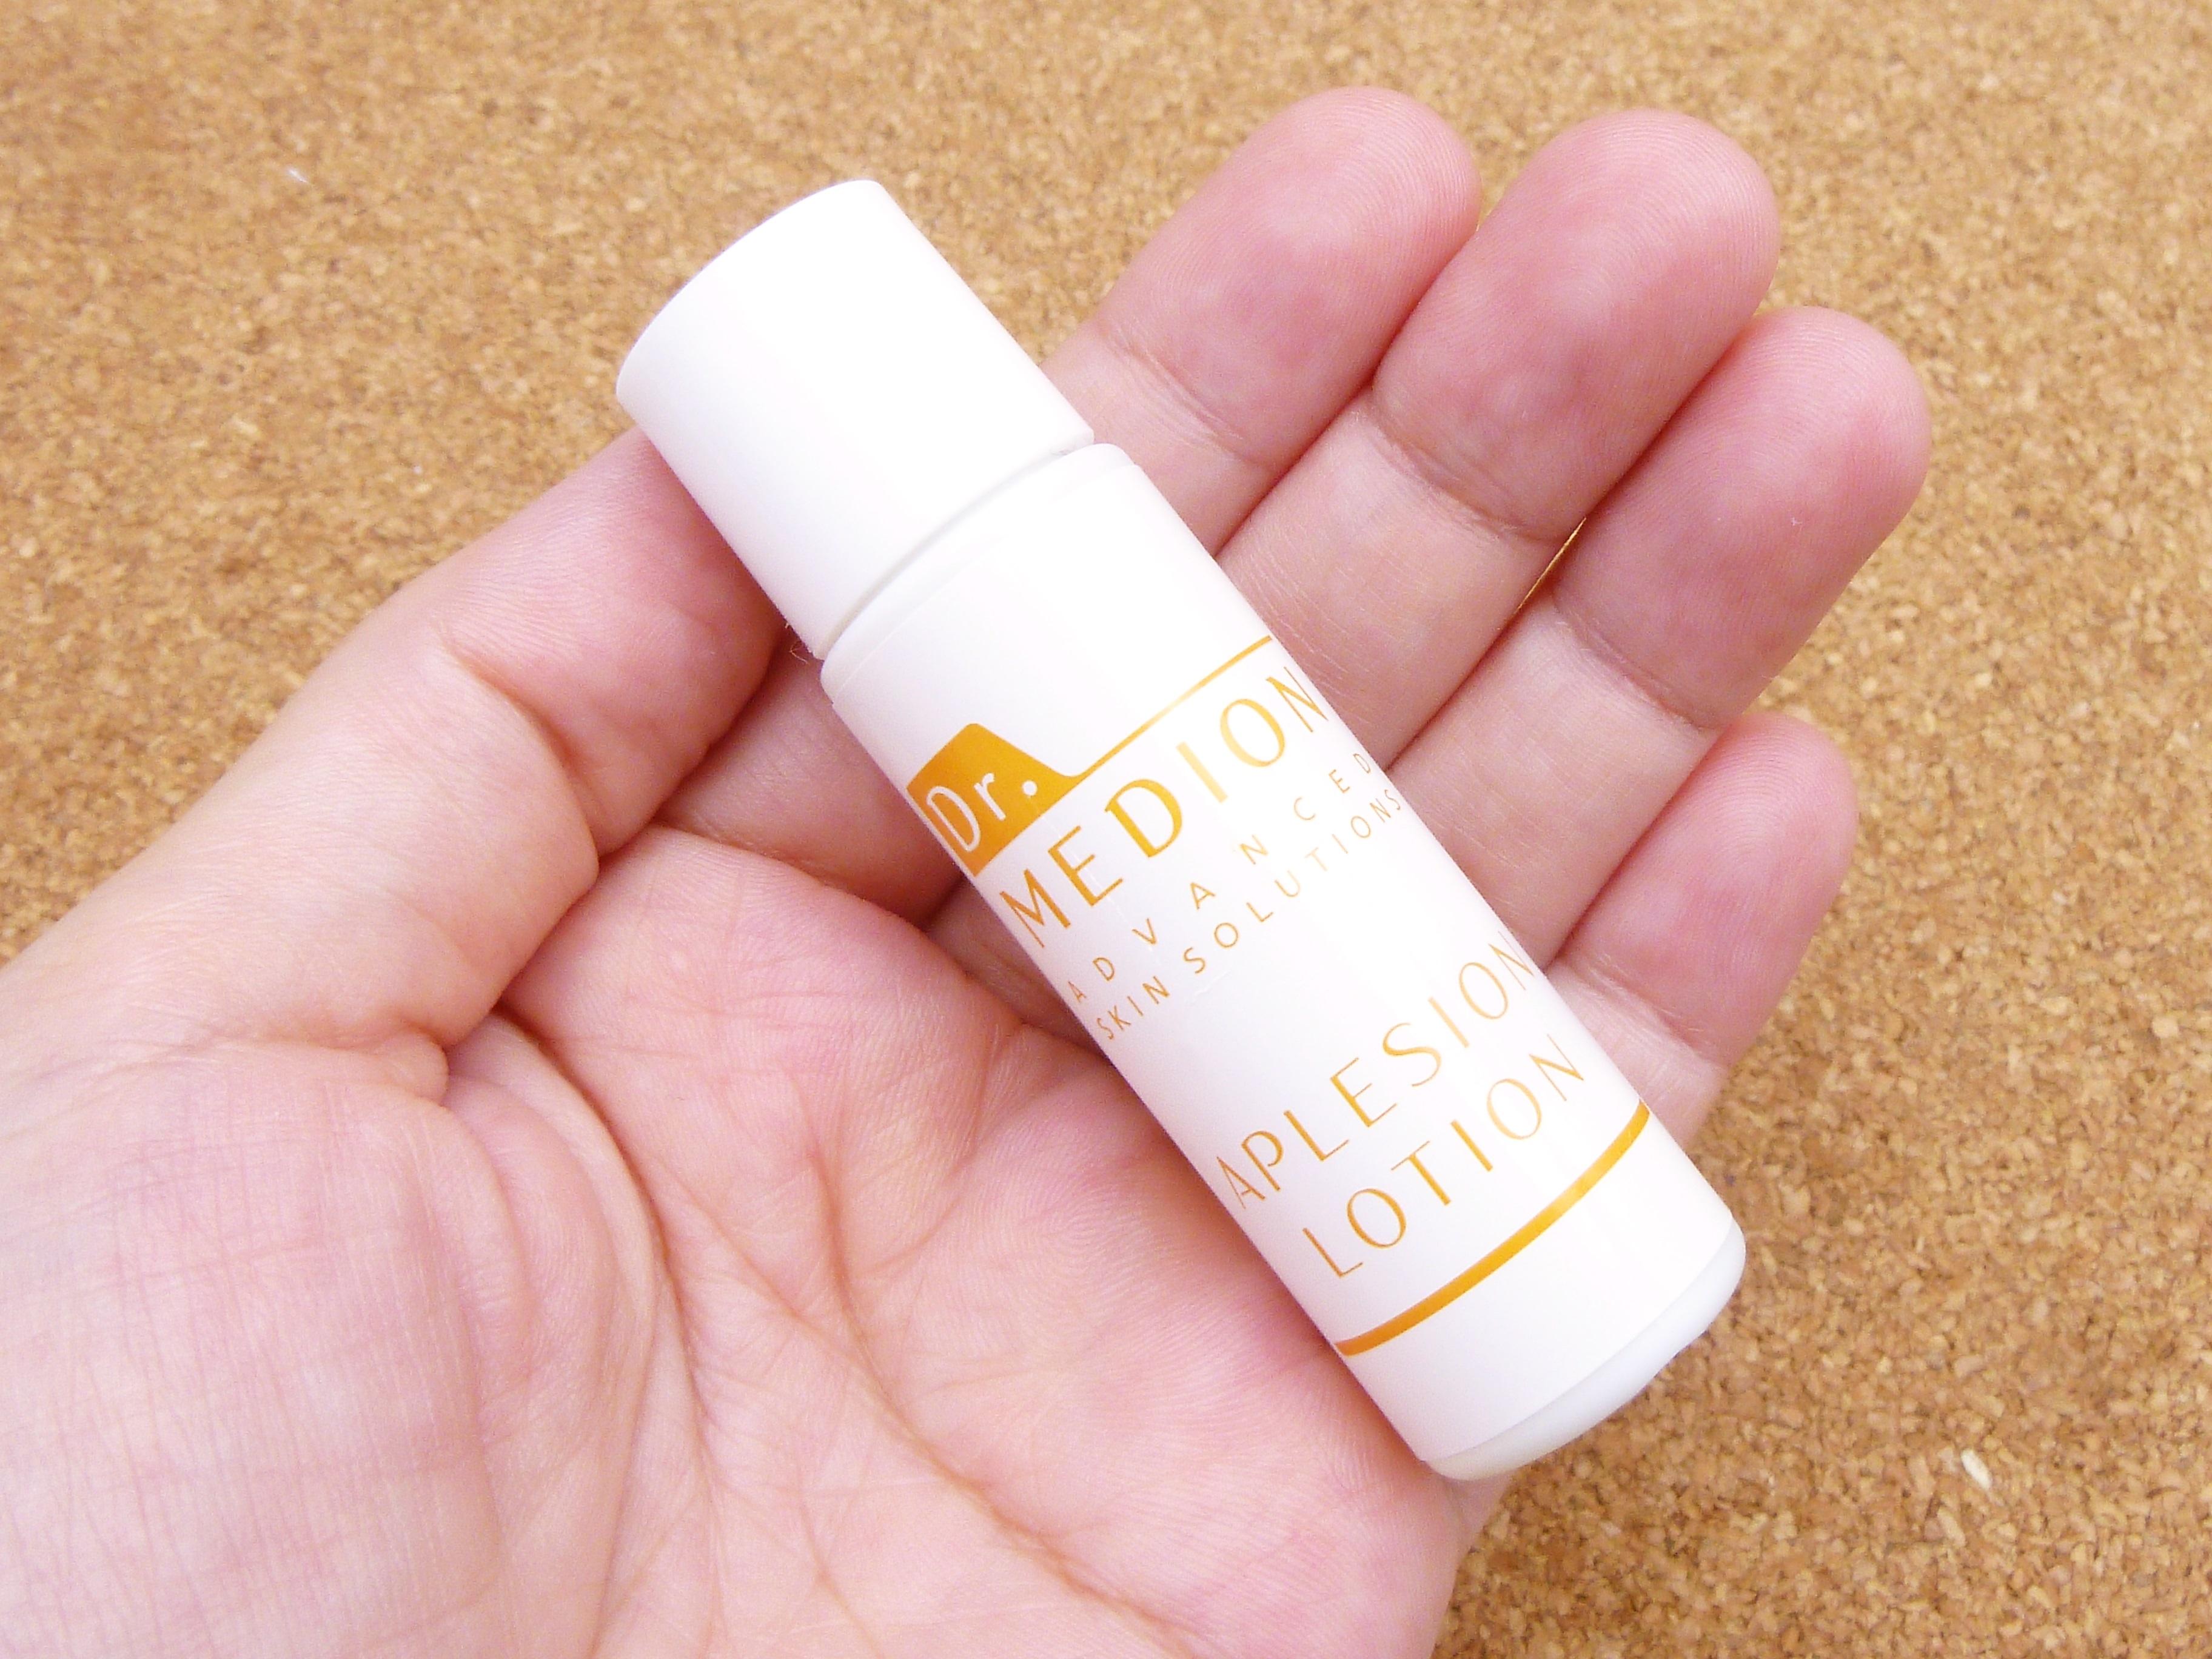 炭酸パック クチコミ報告。ドクターメディオンのスパオキシジェルを使用後につけるアプレシオン化粧水の肌なじみなど。